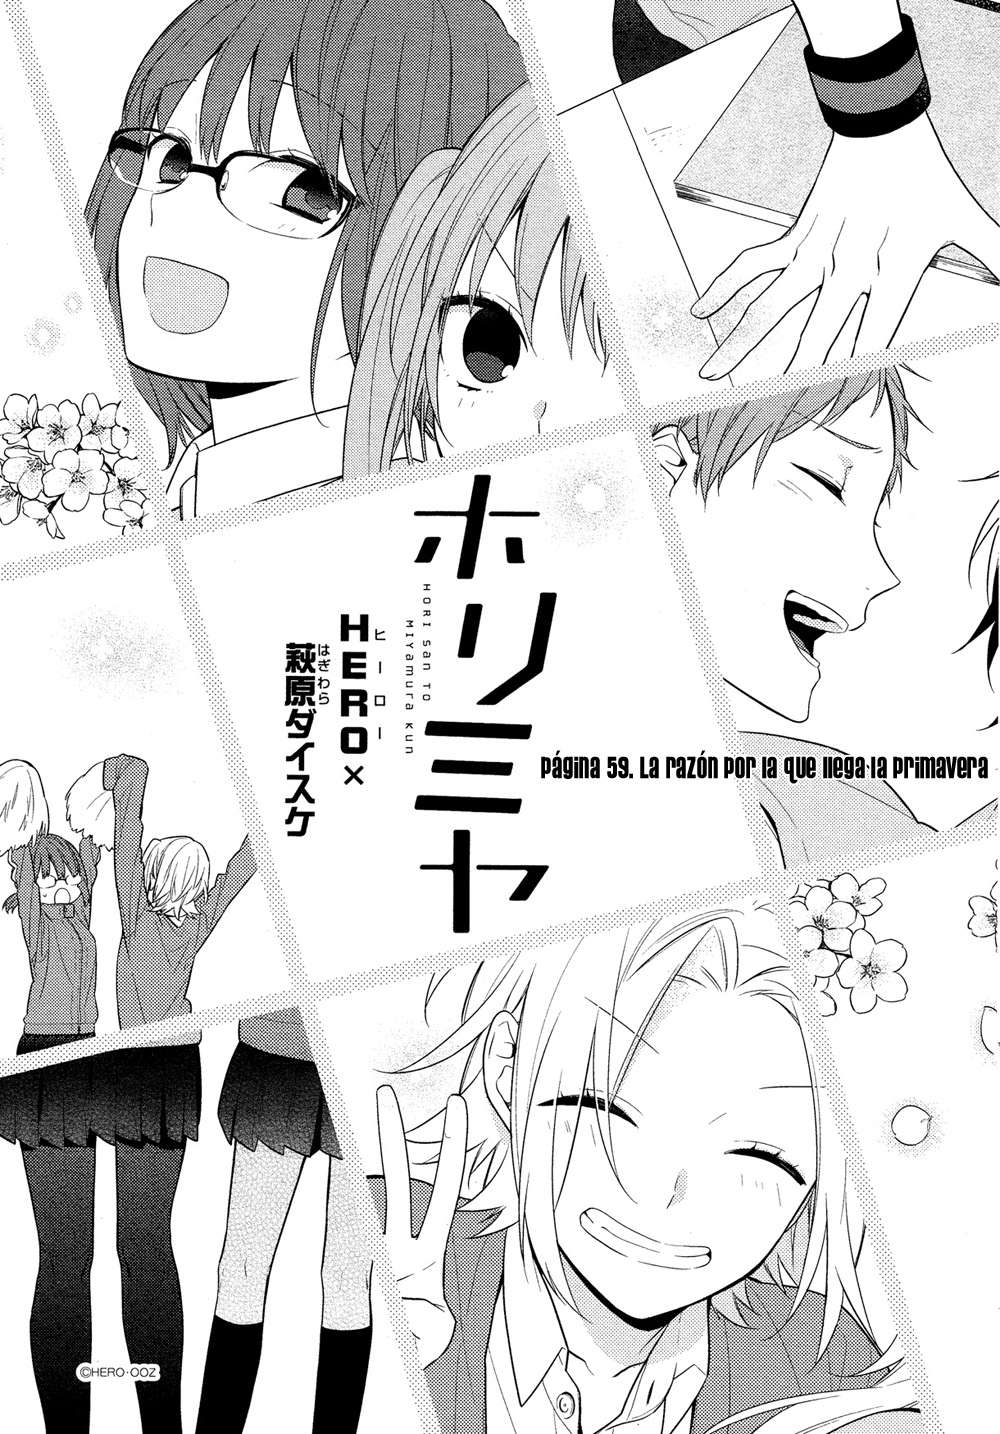 http://c5.ninemanga.com/es_manga/19/1043/439400/9407c90c49bf04f8b59677647ef56522.jpg Page 7